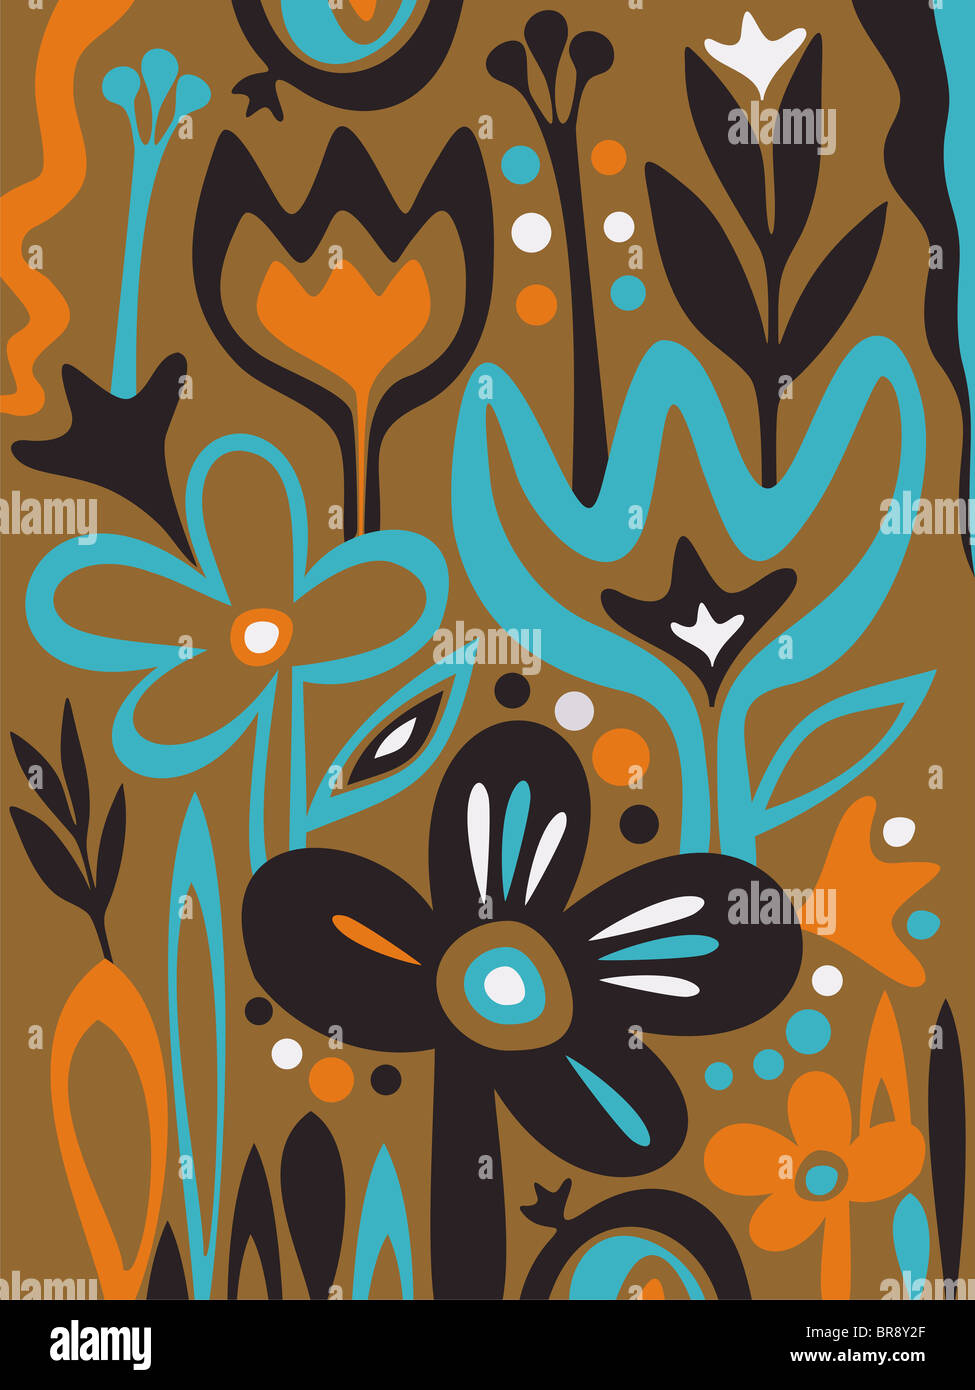 Una caprichosa ilustración de flores silvestres Imagen De Stock